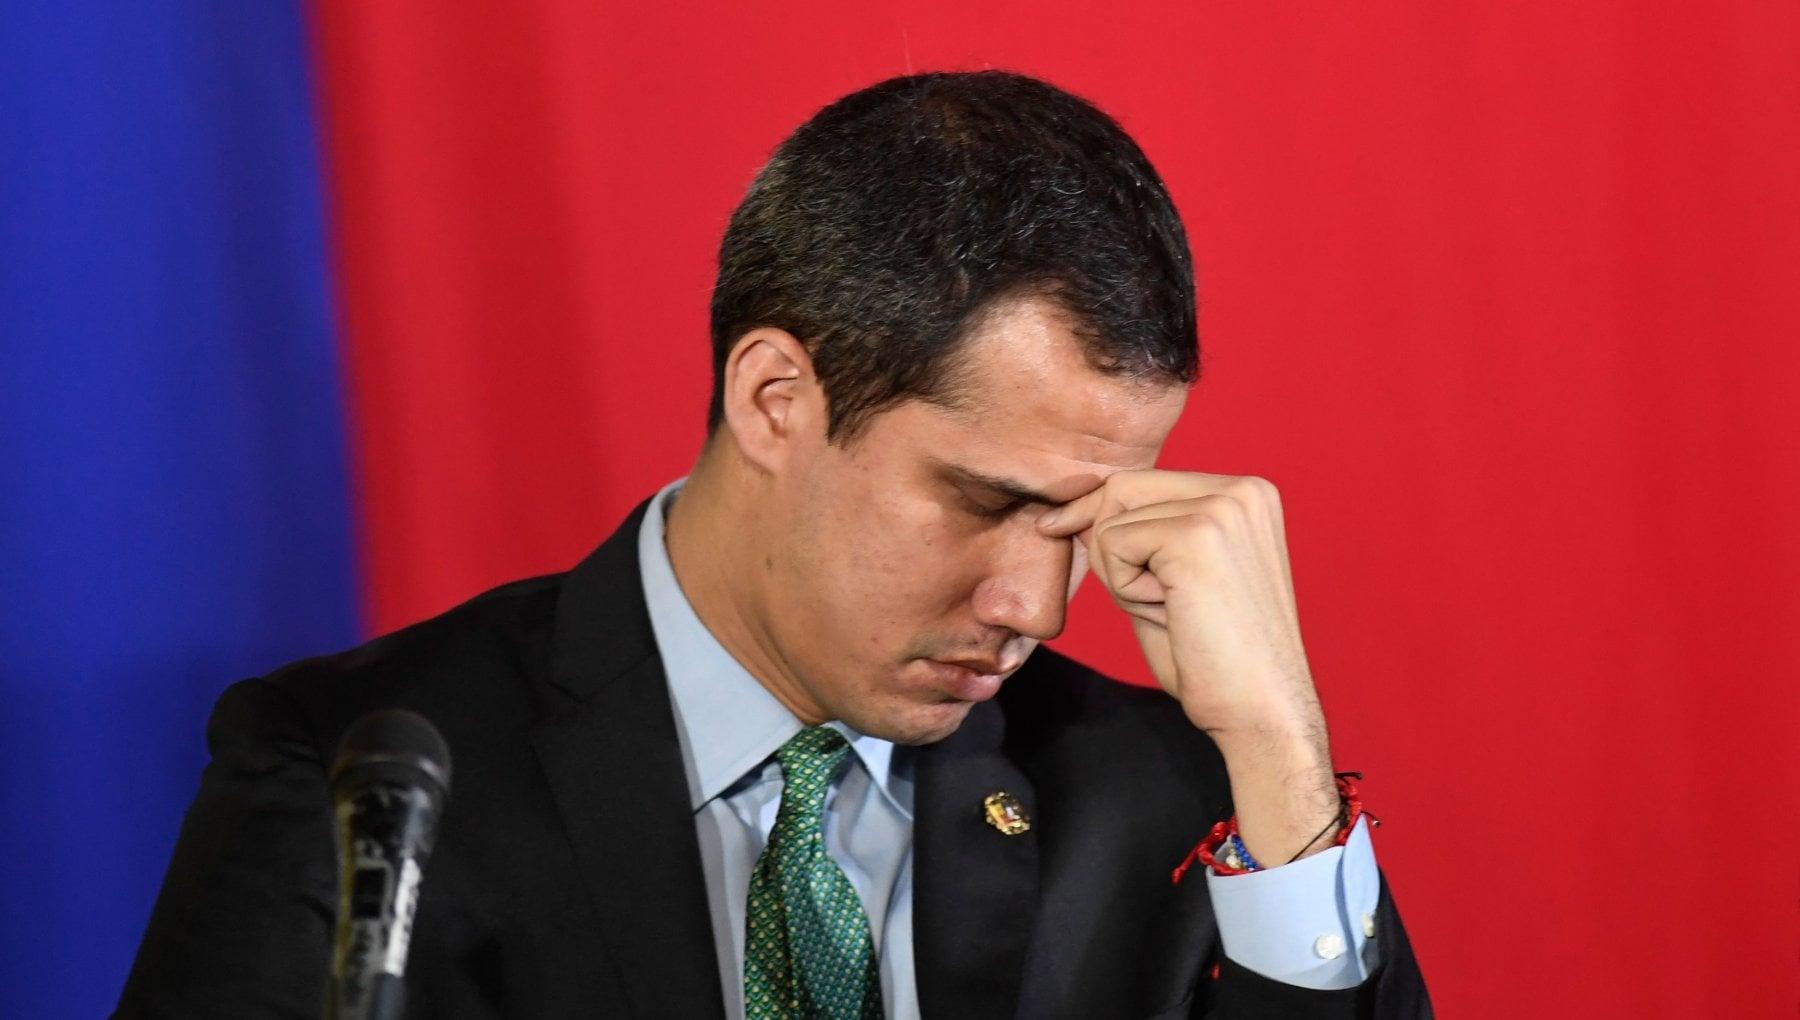 105815892 84dde8de a1a1 4675 9518 7aff96d88f8f - Venezuela, triste, solitario e finale: Guaidò lascia il Parlamento a Maduro